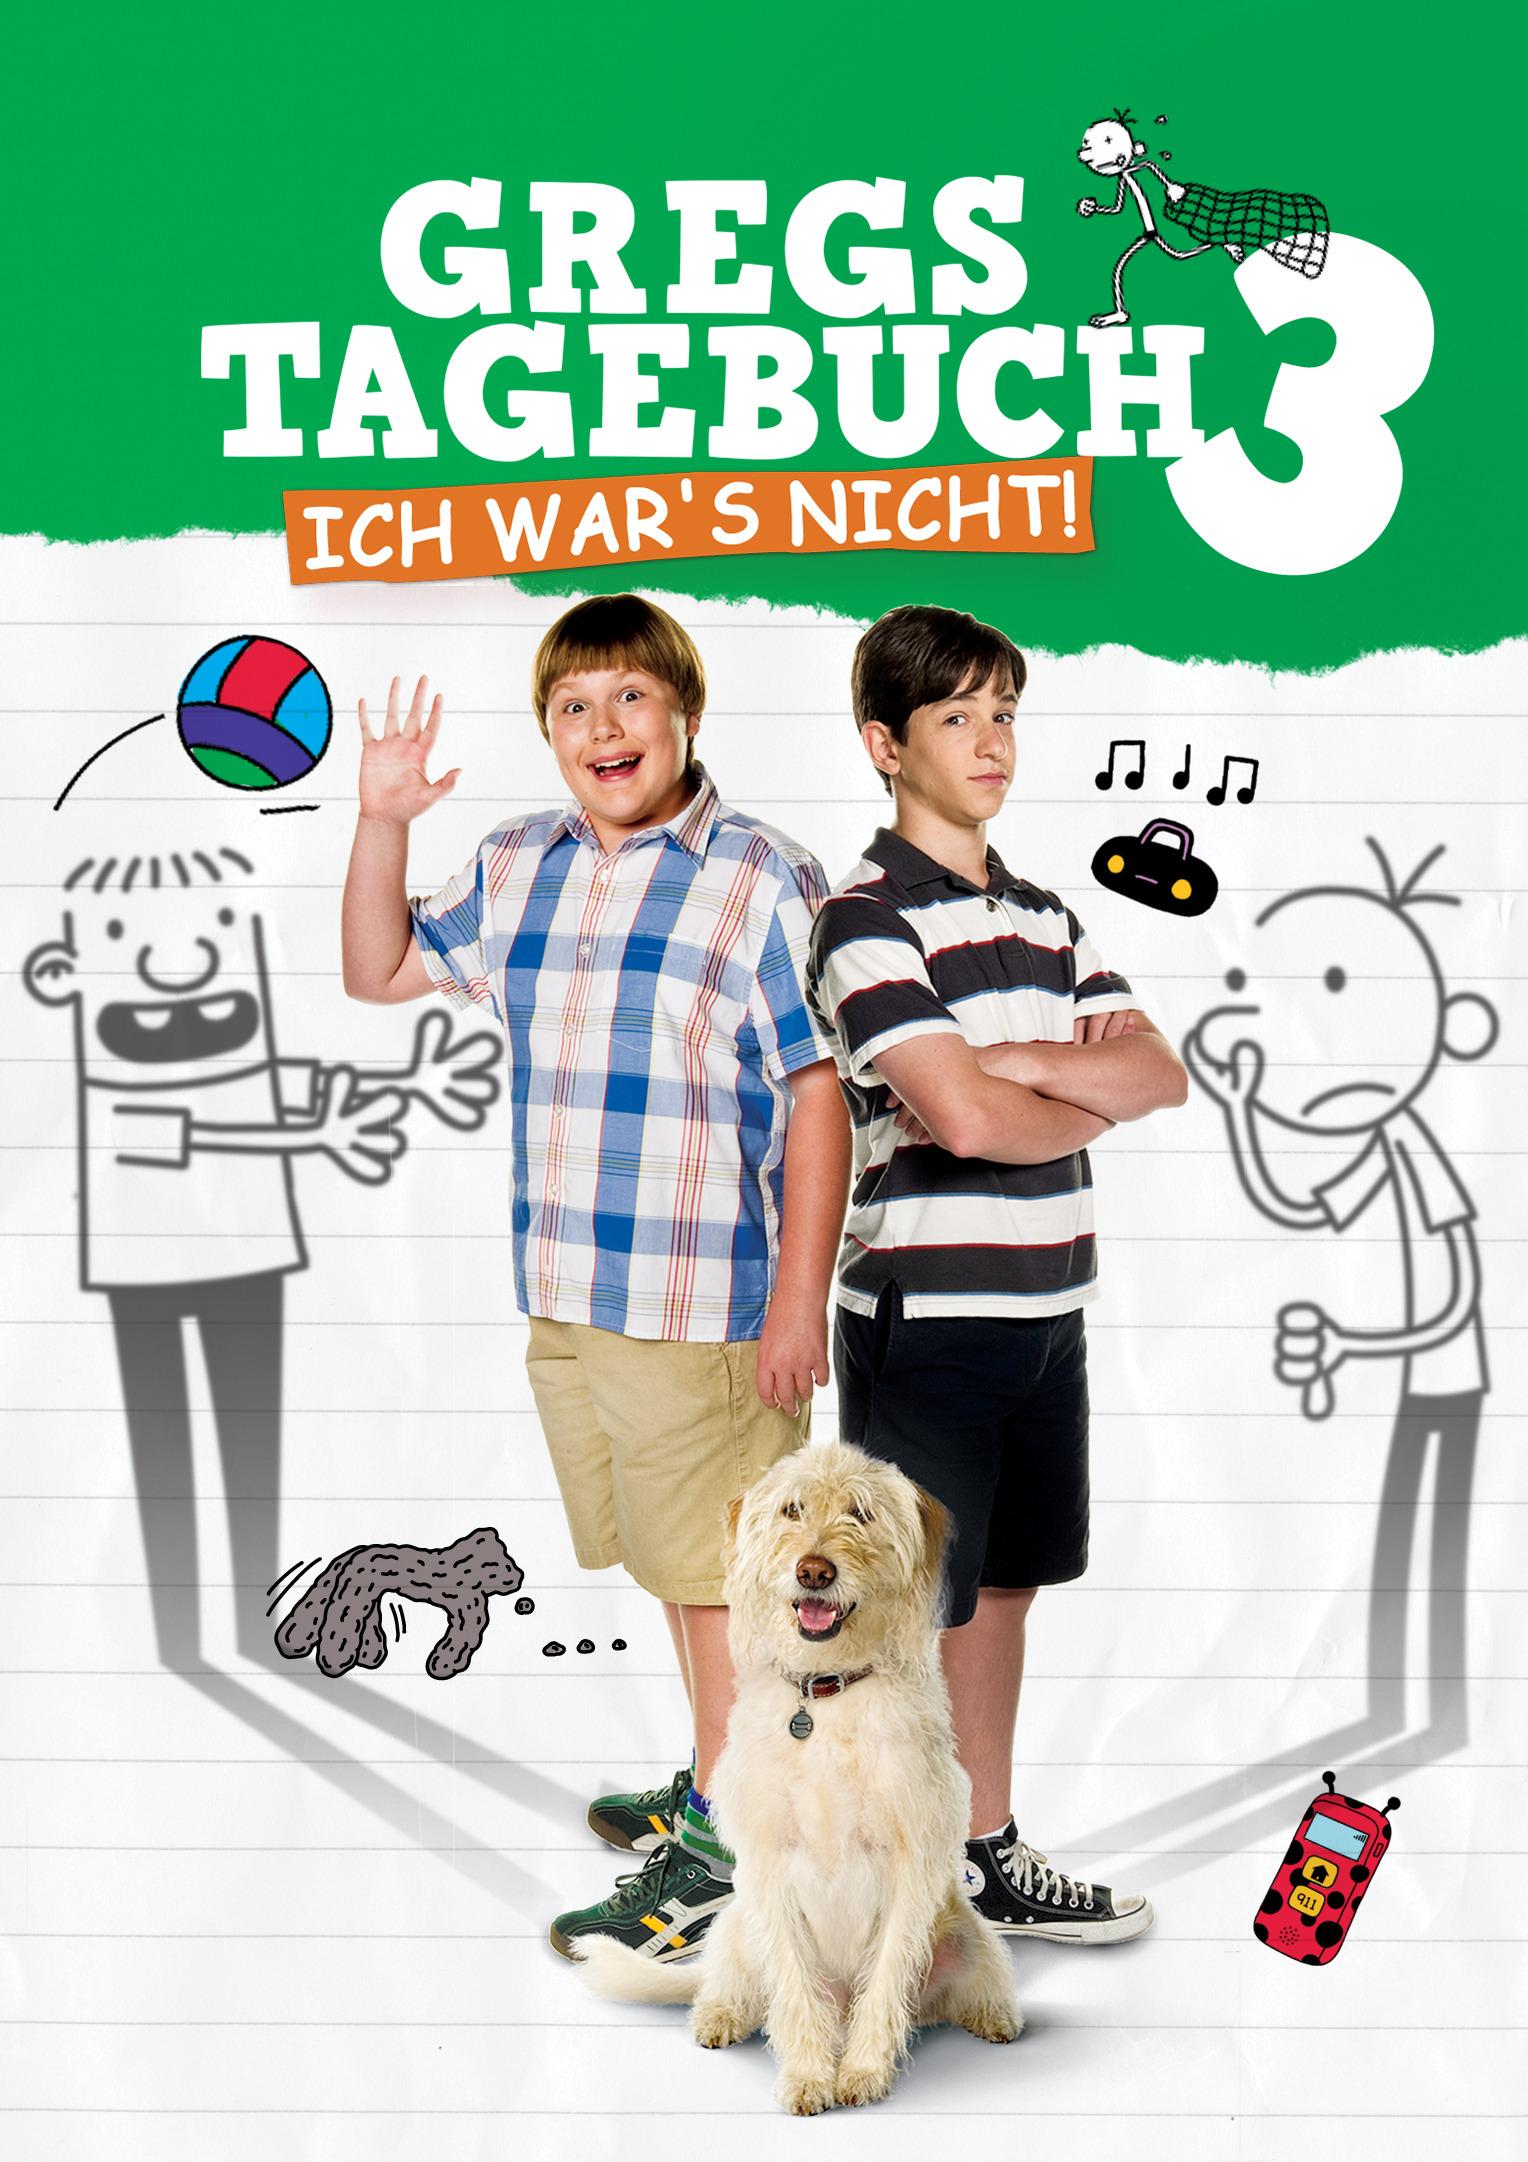 Gregs Tagebuch 3 - Ich war's nicht!